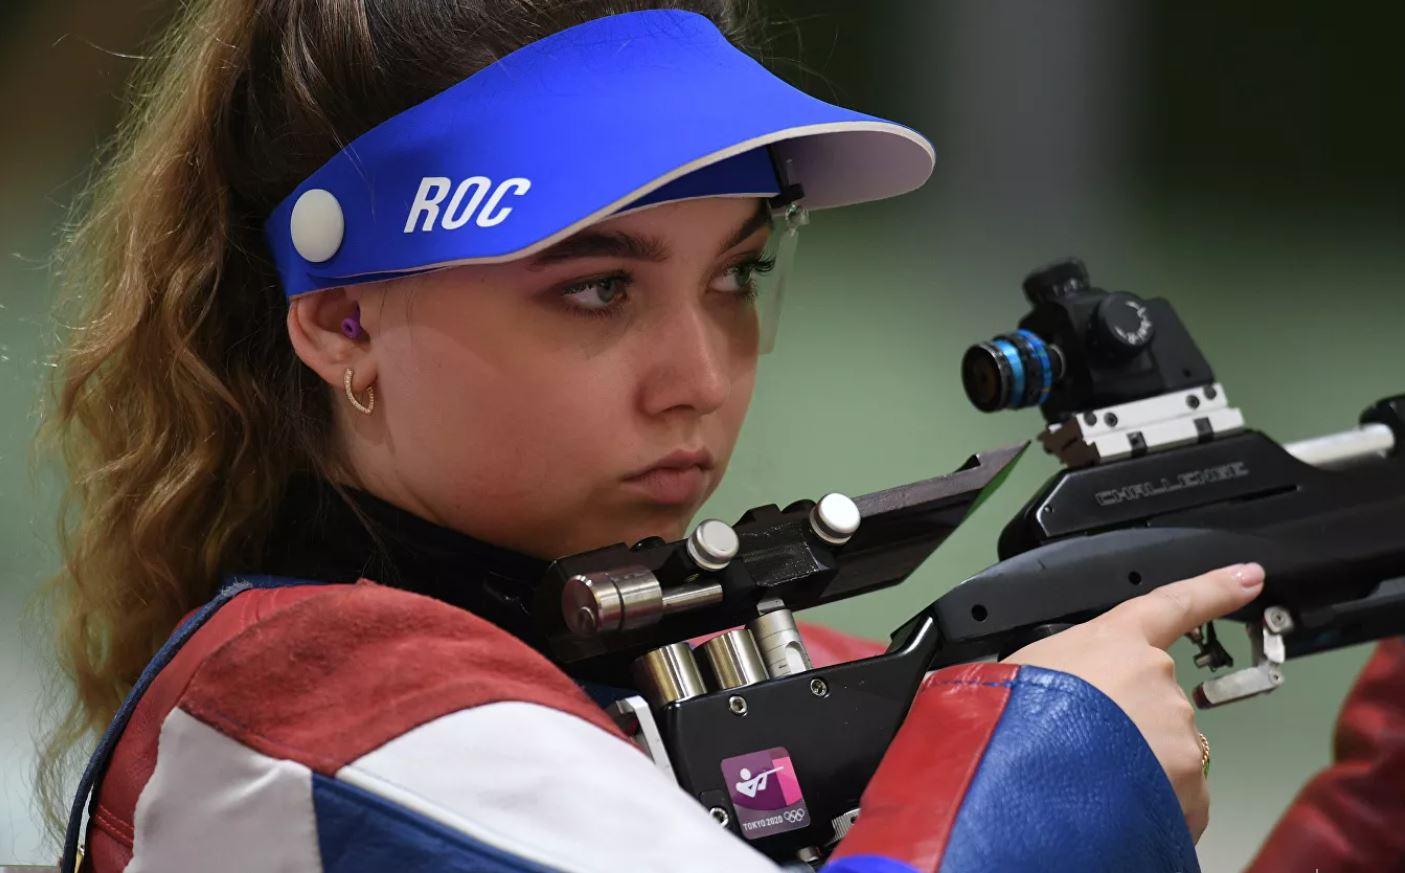 Россиянка Анастасия Галашина завоевала серебро Олимпиады стрельбе из винтовки